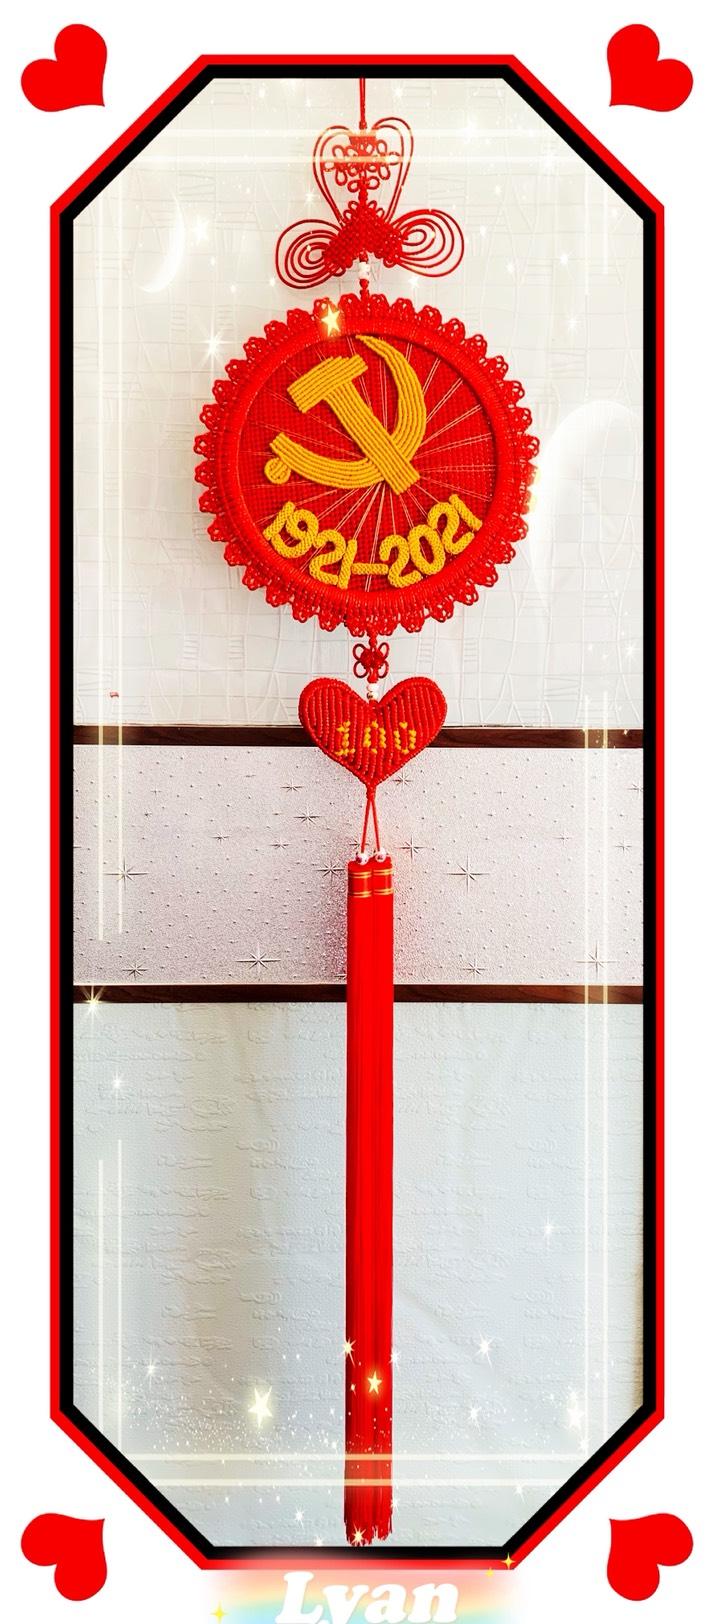 中国结论坛 党的光辉照我心  作品展示 183105egyl5d52hweyd9us